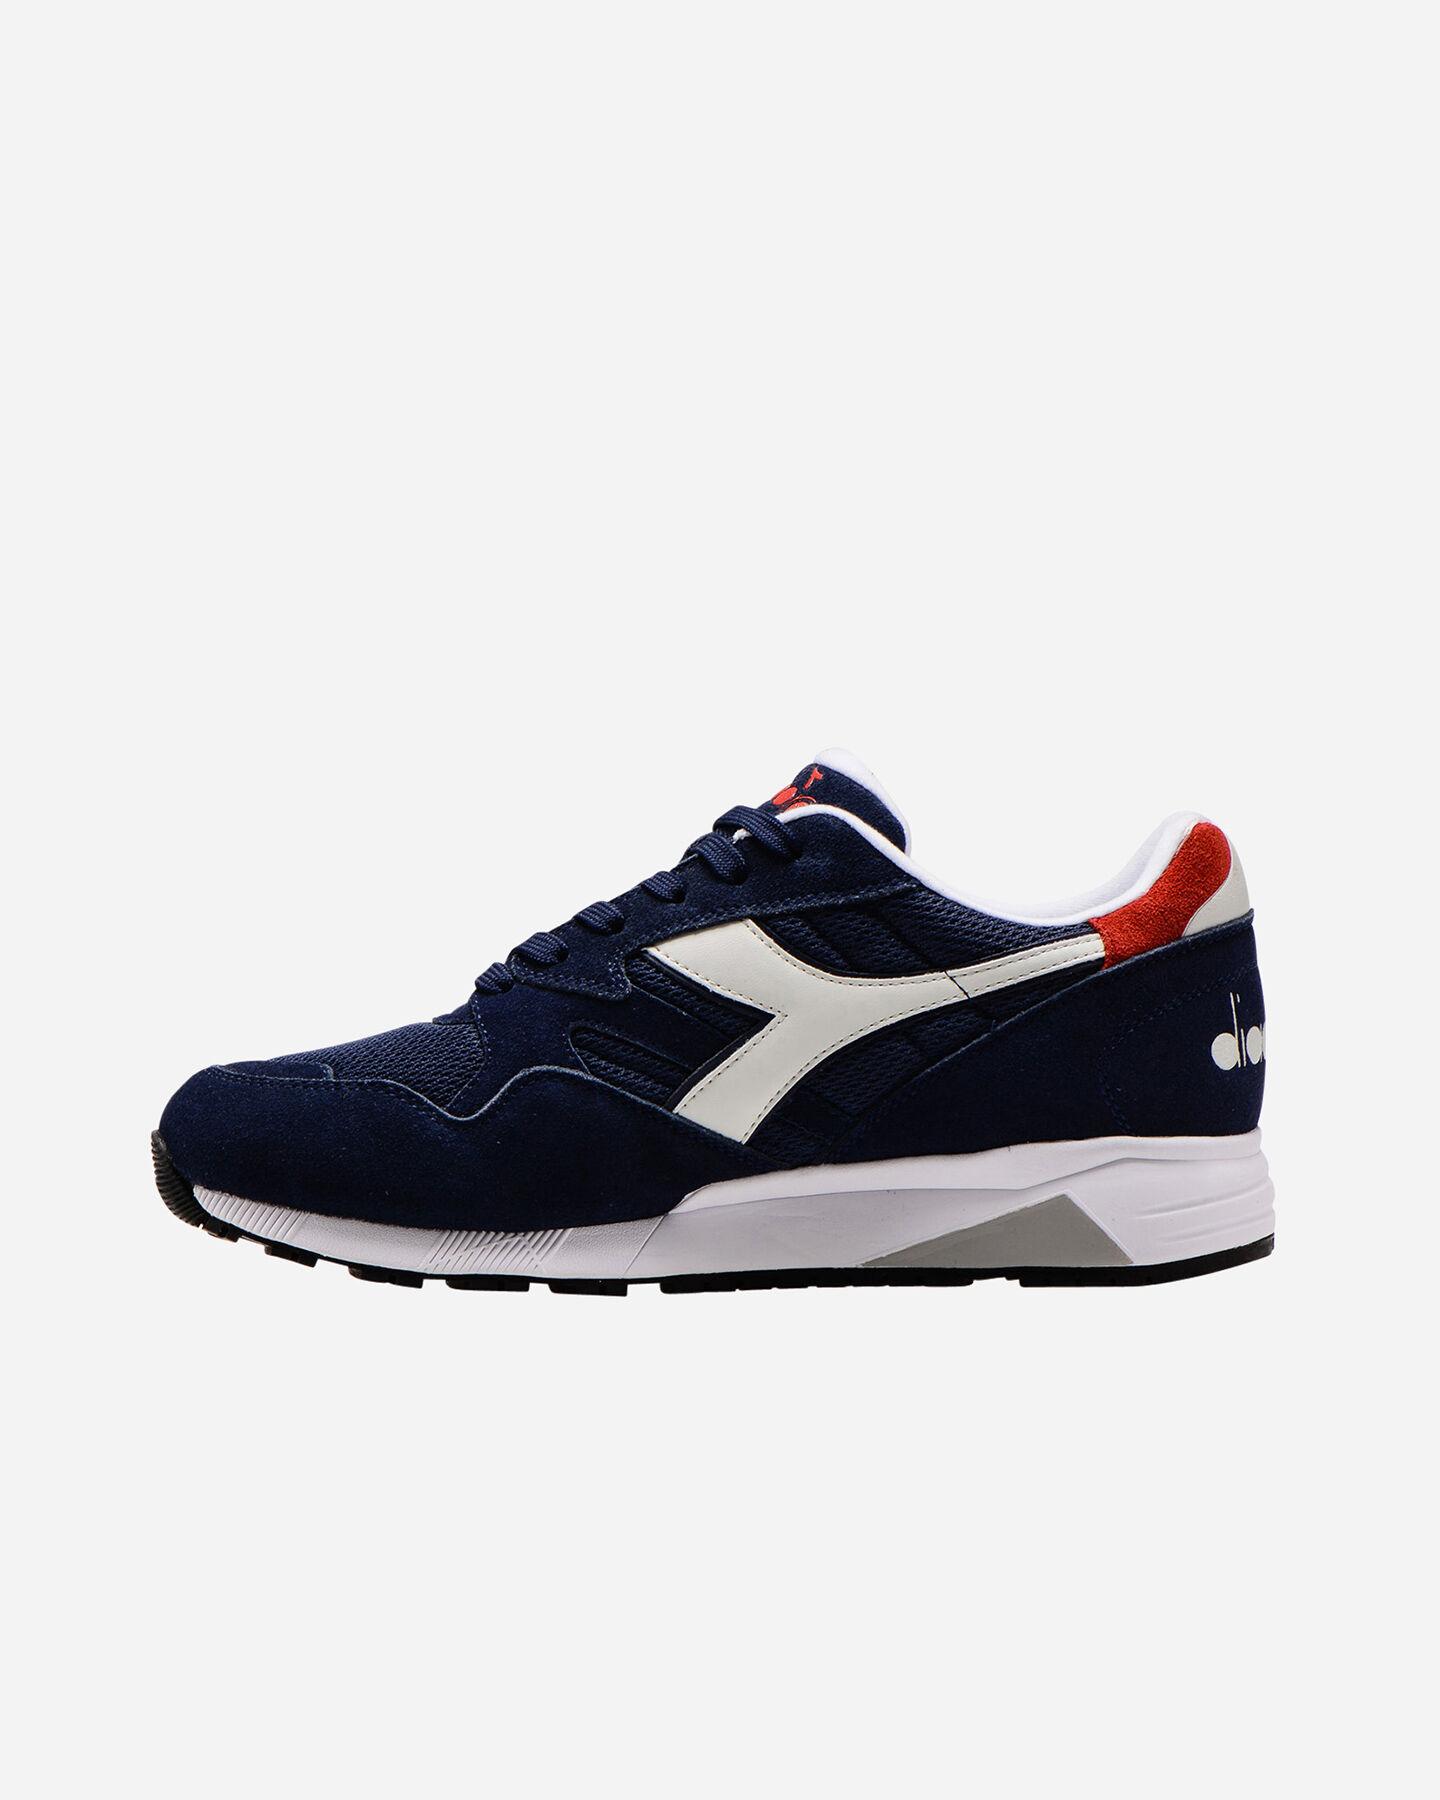 Scarpe sneakers DIADORA N902 S M S5226810 scatto 5